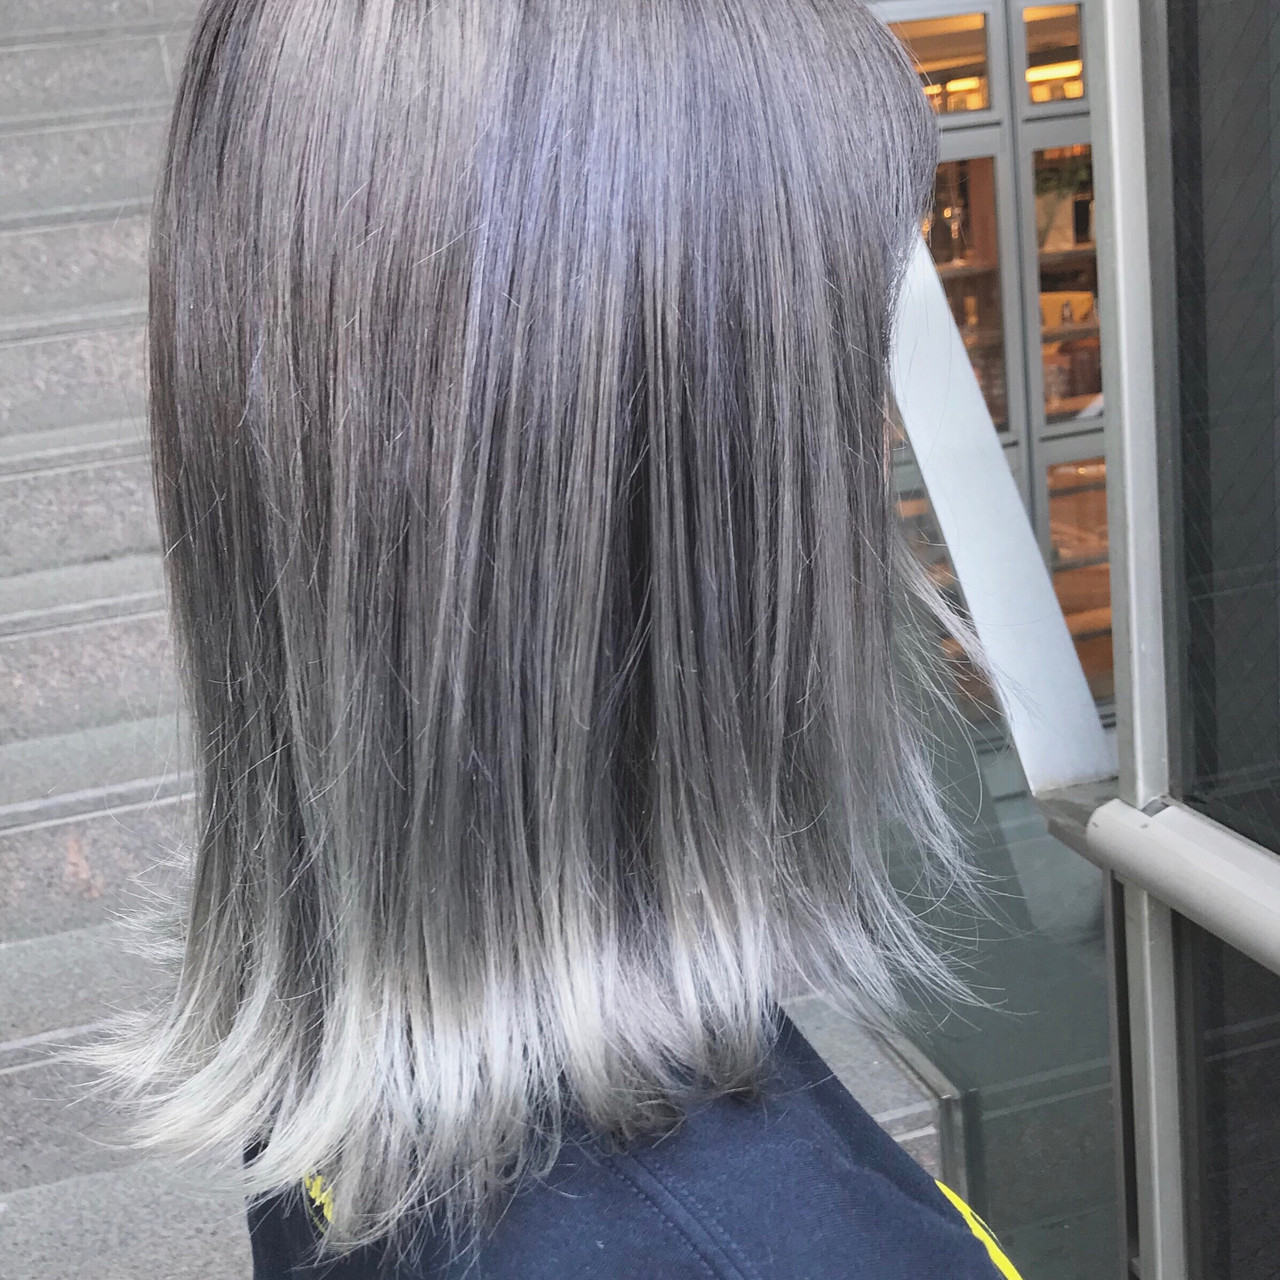 モード感溢れる外国人風のミディアムヘアのホワイトアッシュ 蒔山知洋blue faces 表参道 (ブルーフェーセス)